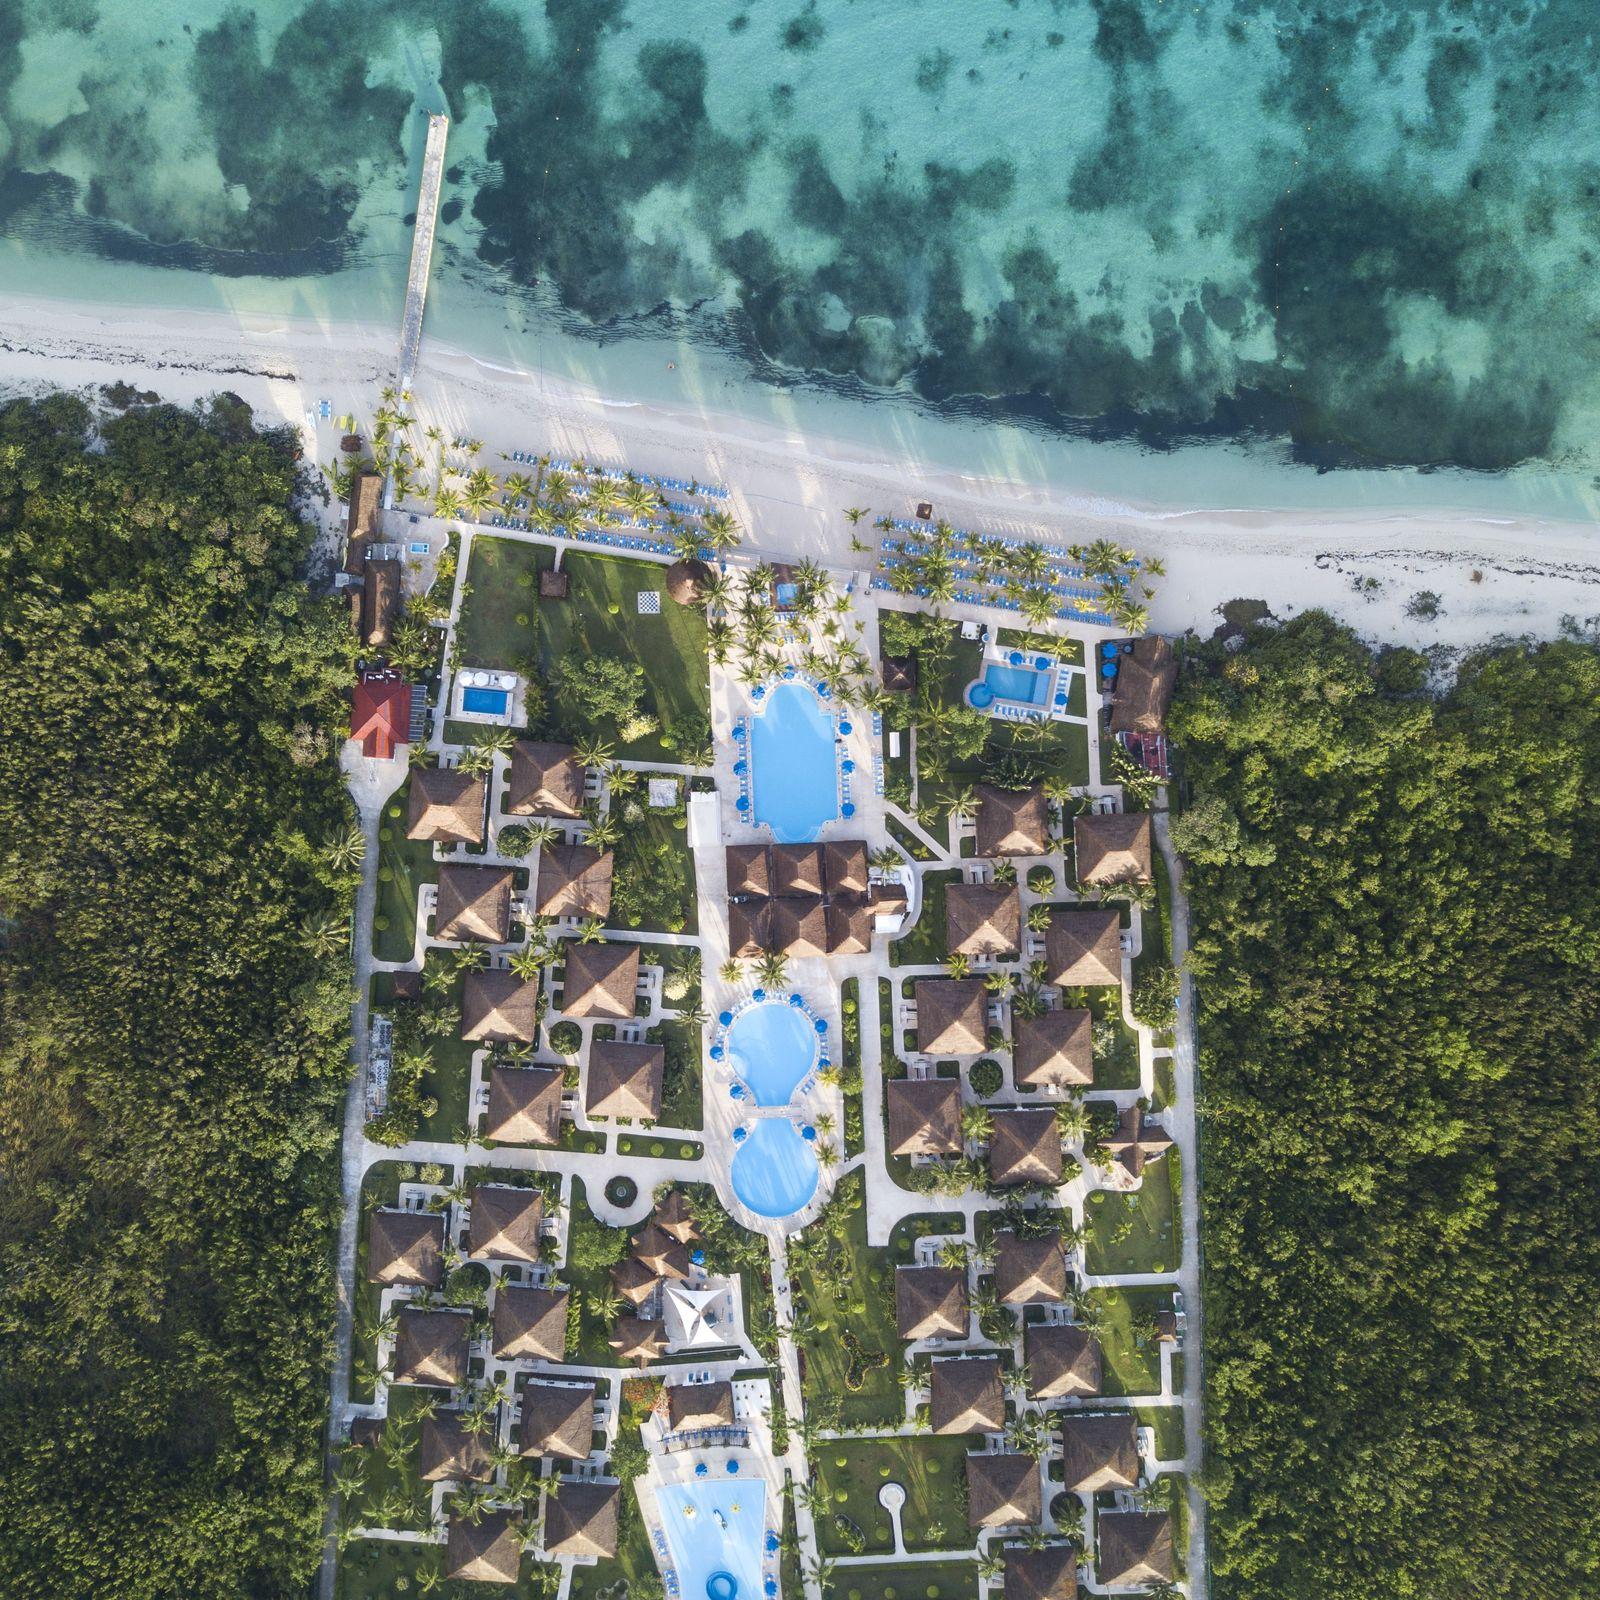 Los mejores días te esperan en el hotel Allegro Cozumel tu próximo rincón favorito en la Riviera Maya